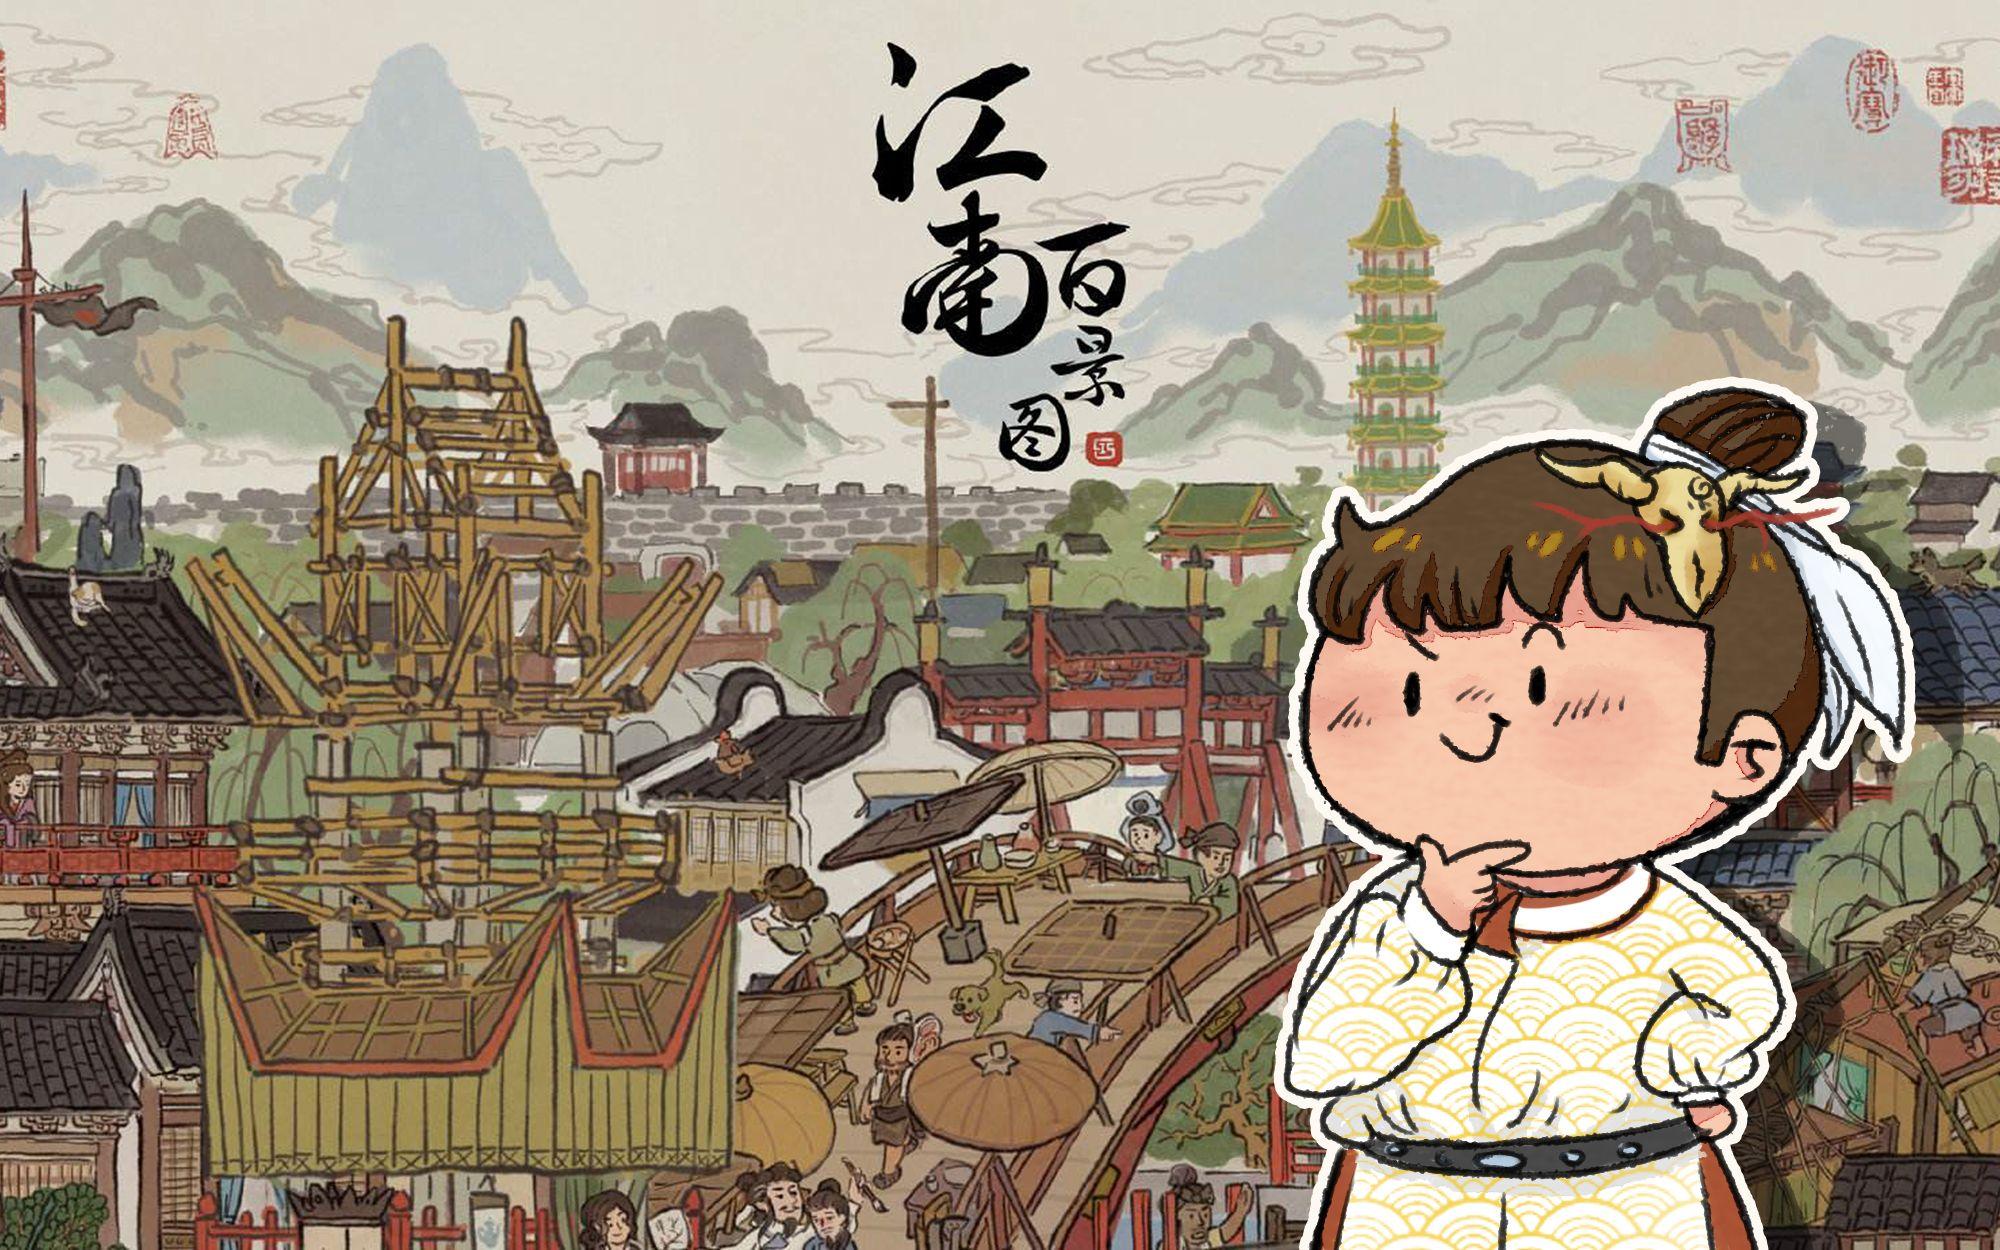 """国产手游魔改历史引质疑,""""闲人""""岳飞赤裸上身牵着羊?"""